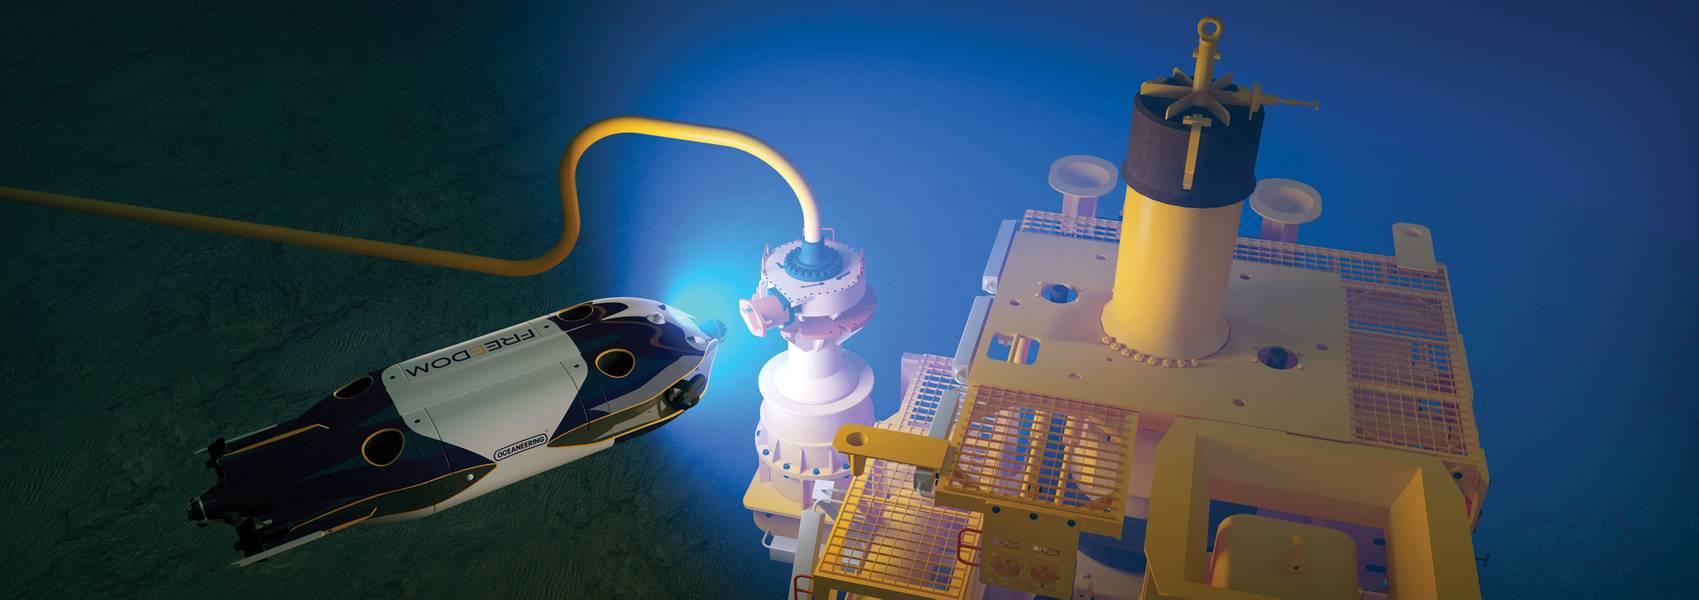 Vehículo de Oceaneering's Freedom que inspecciona un árbol submarino. Cortesía de Oceaneering International